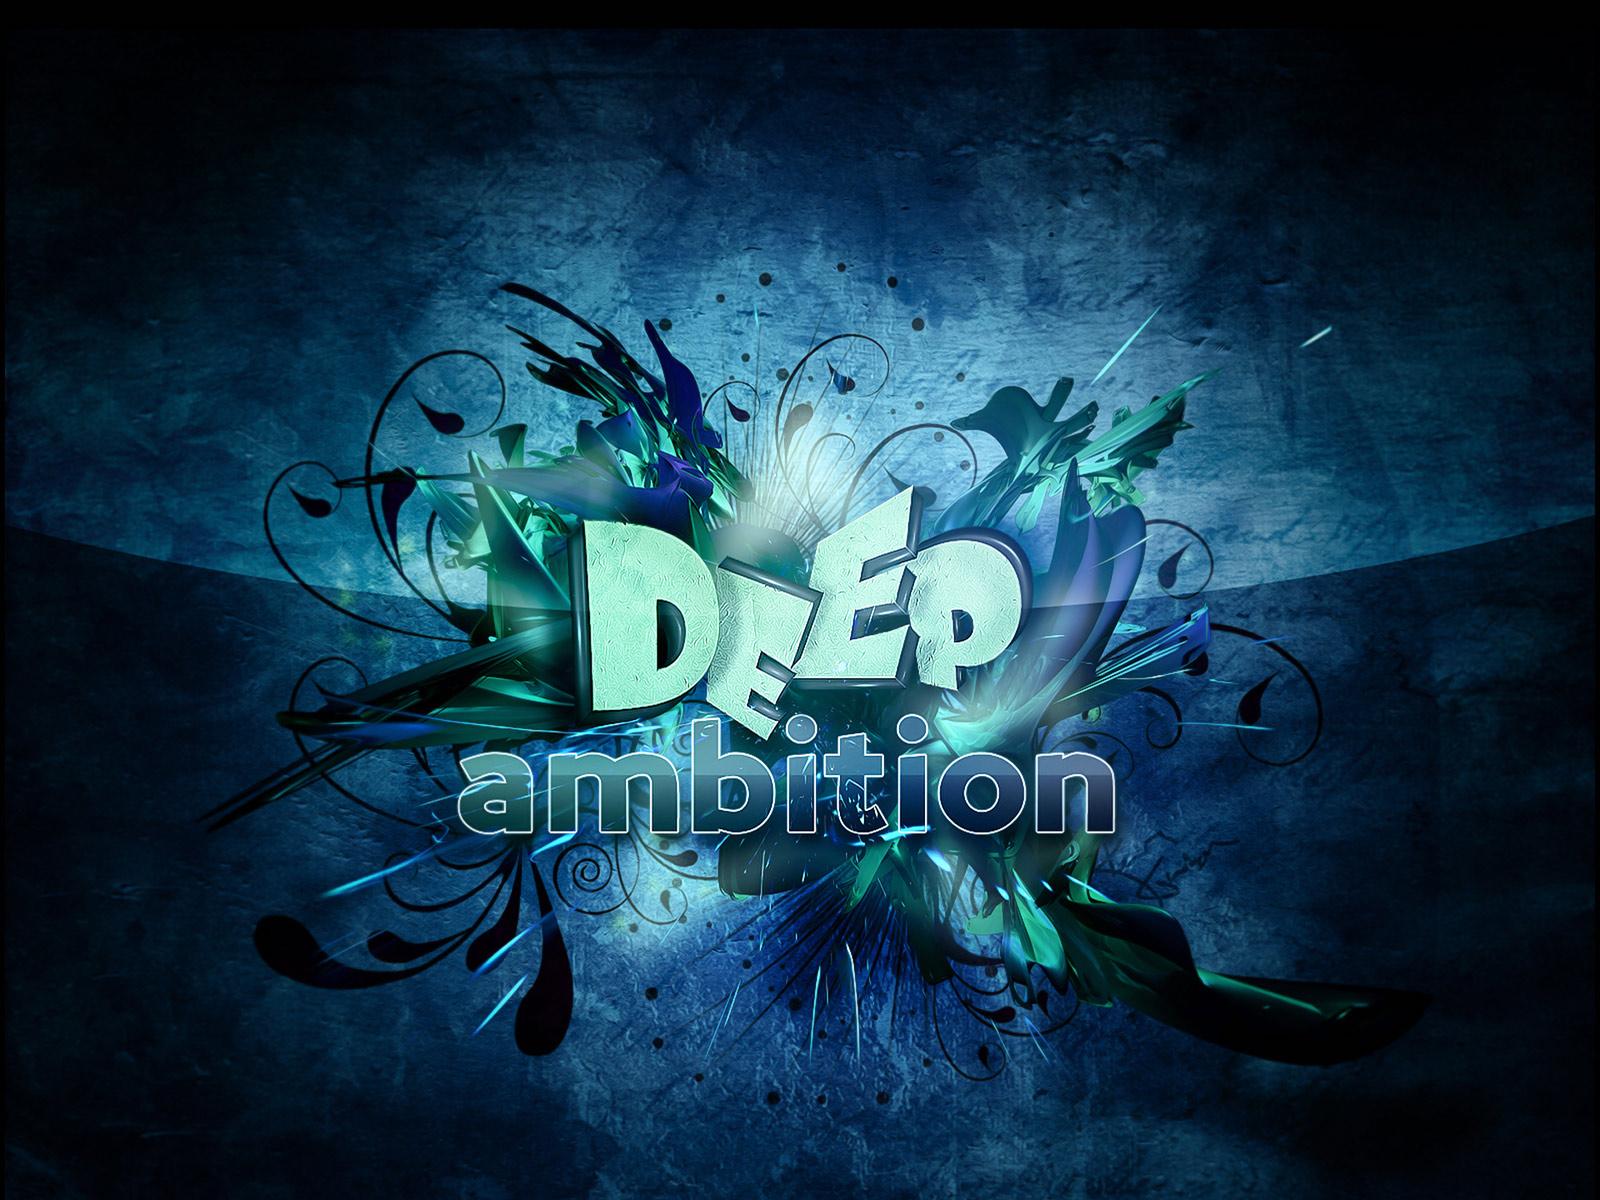 http://1.bp.blogspot.com/-WlkdlAzRIhc/TjgmSANnCBI/AAAAAAAAAic/A7DHkQW0ClA/s1600/3D%2BWallpapers%2BFor%2BDesktop-9.jpg